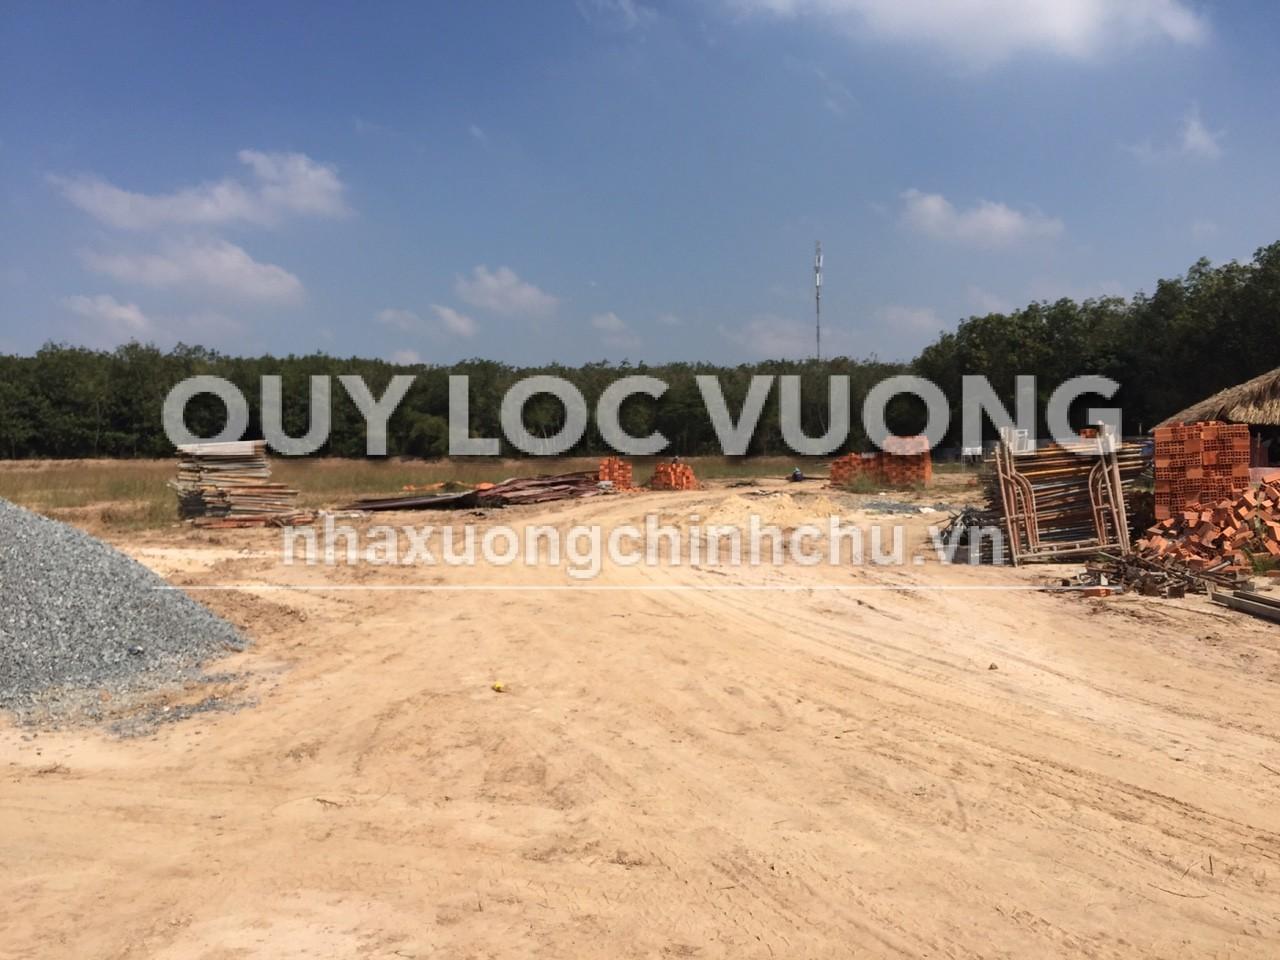 Bán đất trống hoặc đất xây sẵn xưởng 34000m2 ở xã Long Tân Dầu Tiếng